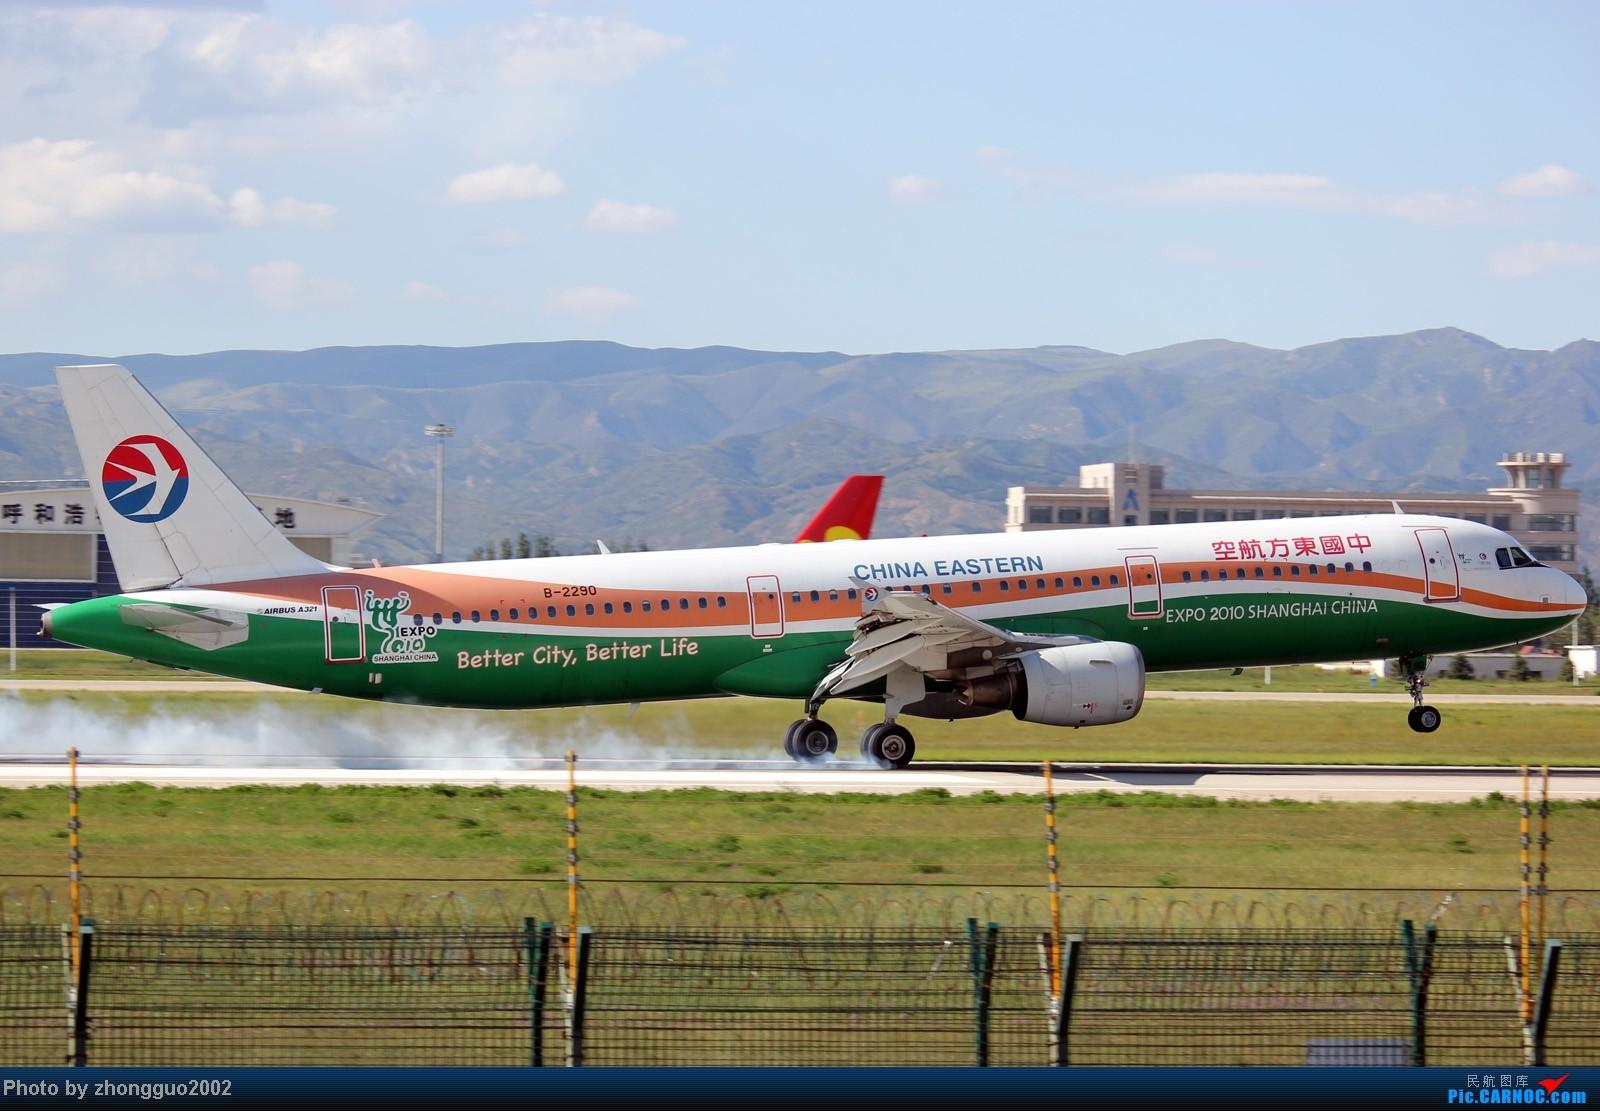 Re:[原创]东航的新邮戳321,世博彩绘机,南航、瑞丽、河北、深圳航空的新飞机,香港航空、长荣航空、远东、韩国济州航空的飞机,国航772,大大小小一堆飞机!!!! AIRBUS A321-200 B-2290 中国呼和浩特白塔机场